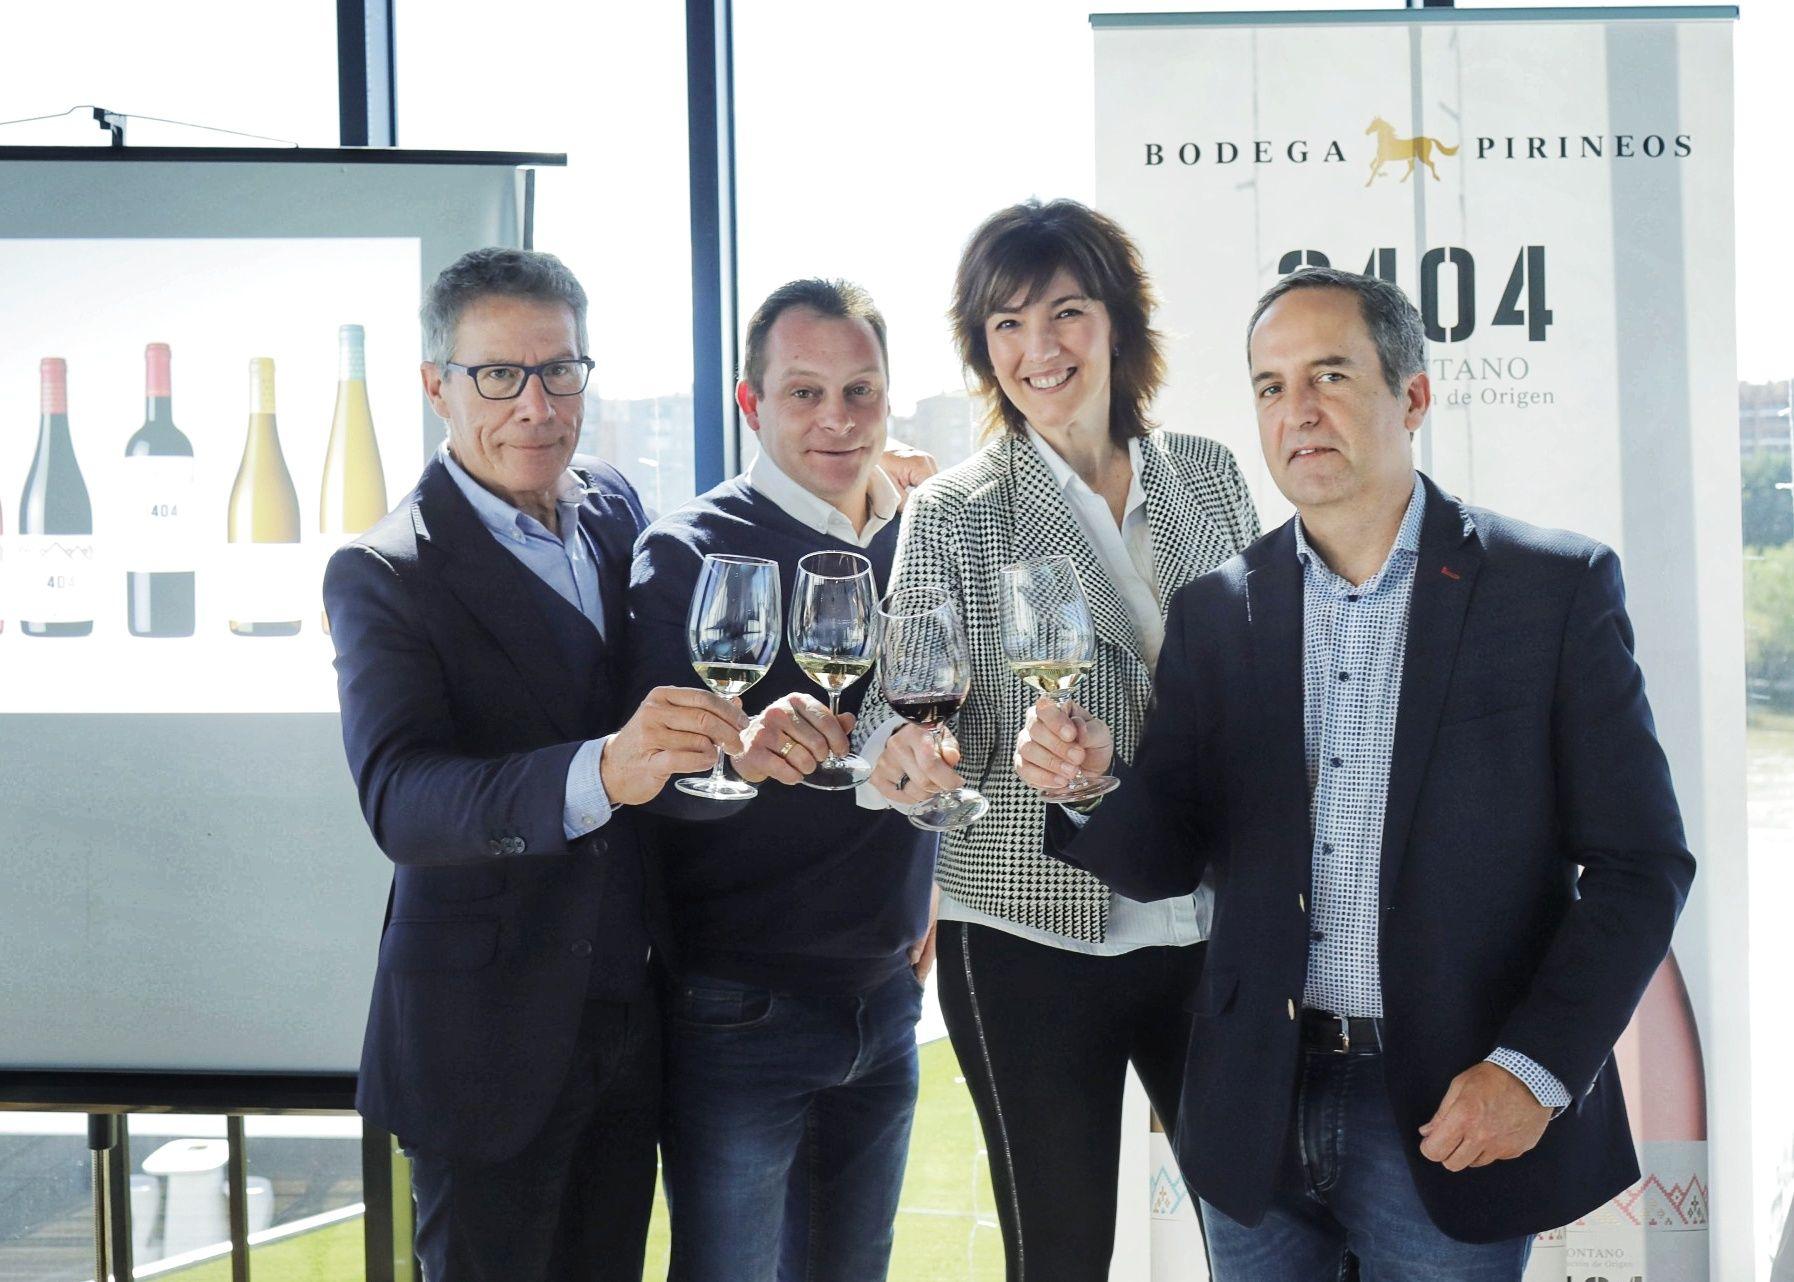 Bodega Pirineos presenta la nueva colección 3404 y dos monovarietales, de gewürztraminer y chardonnay, con una imagen renovada